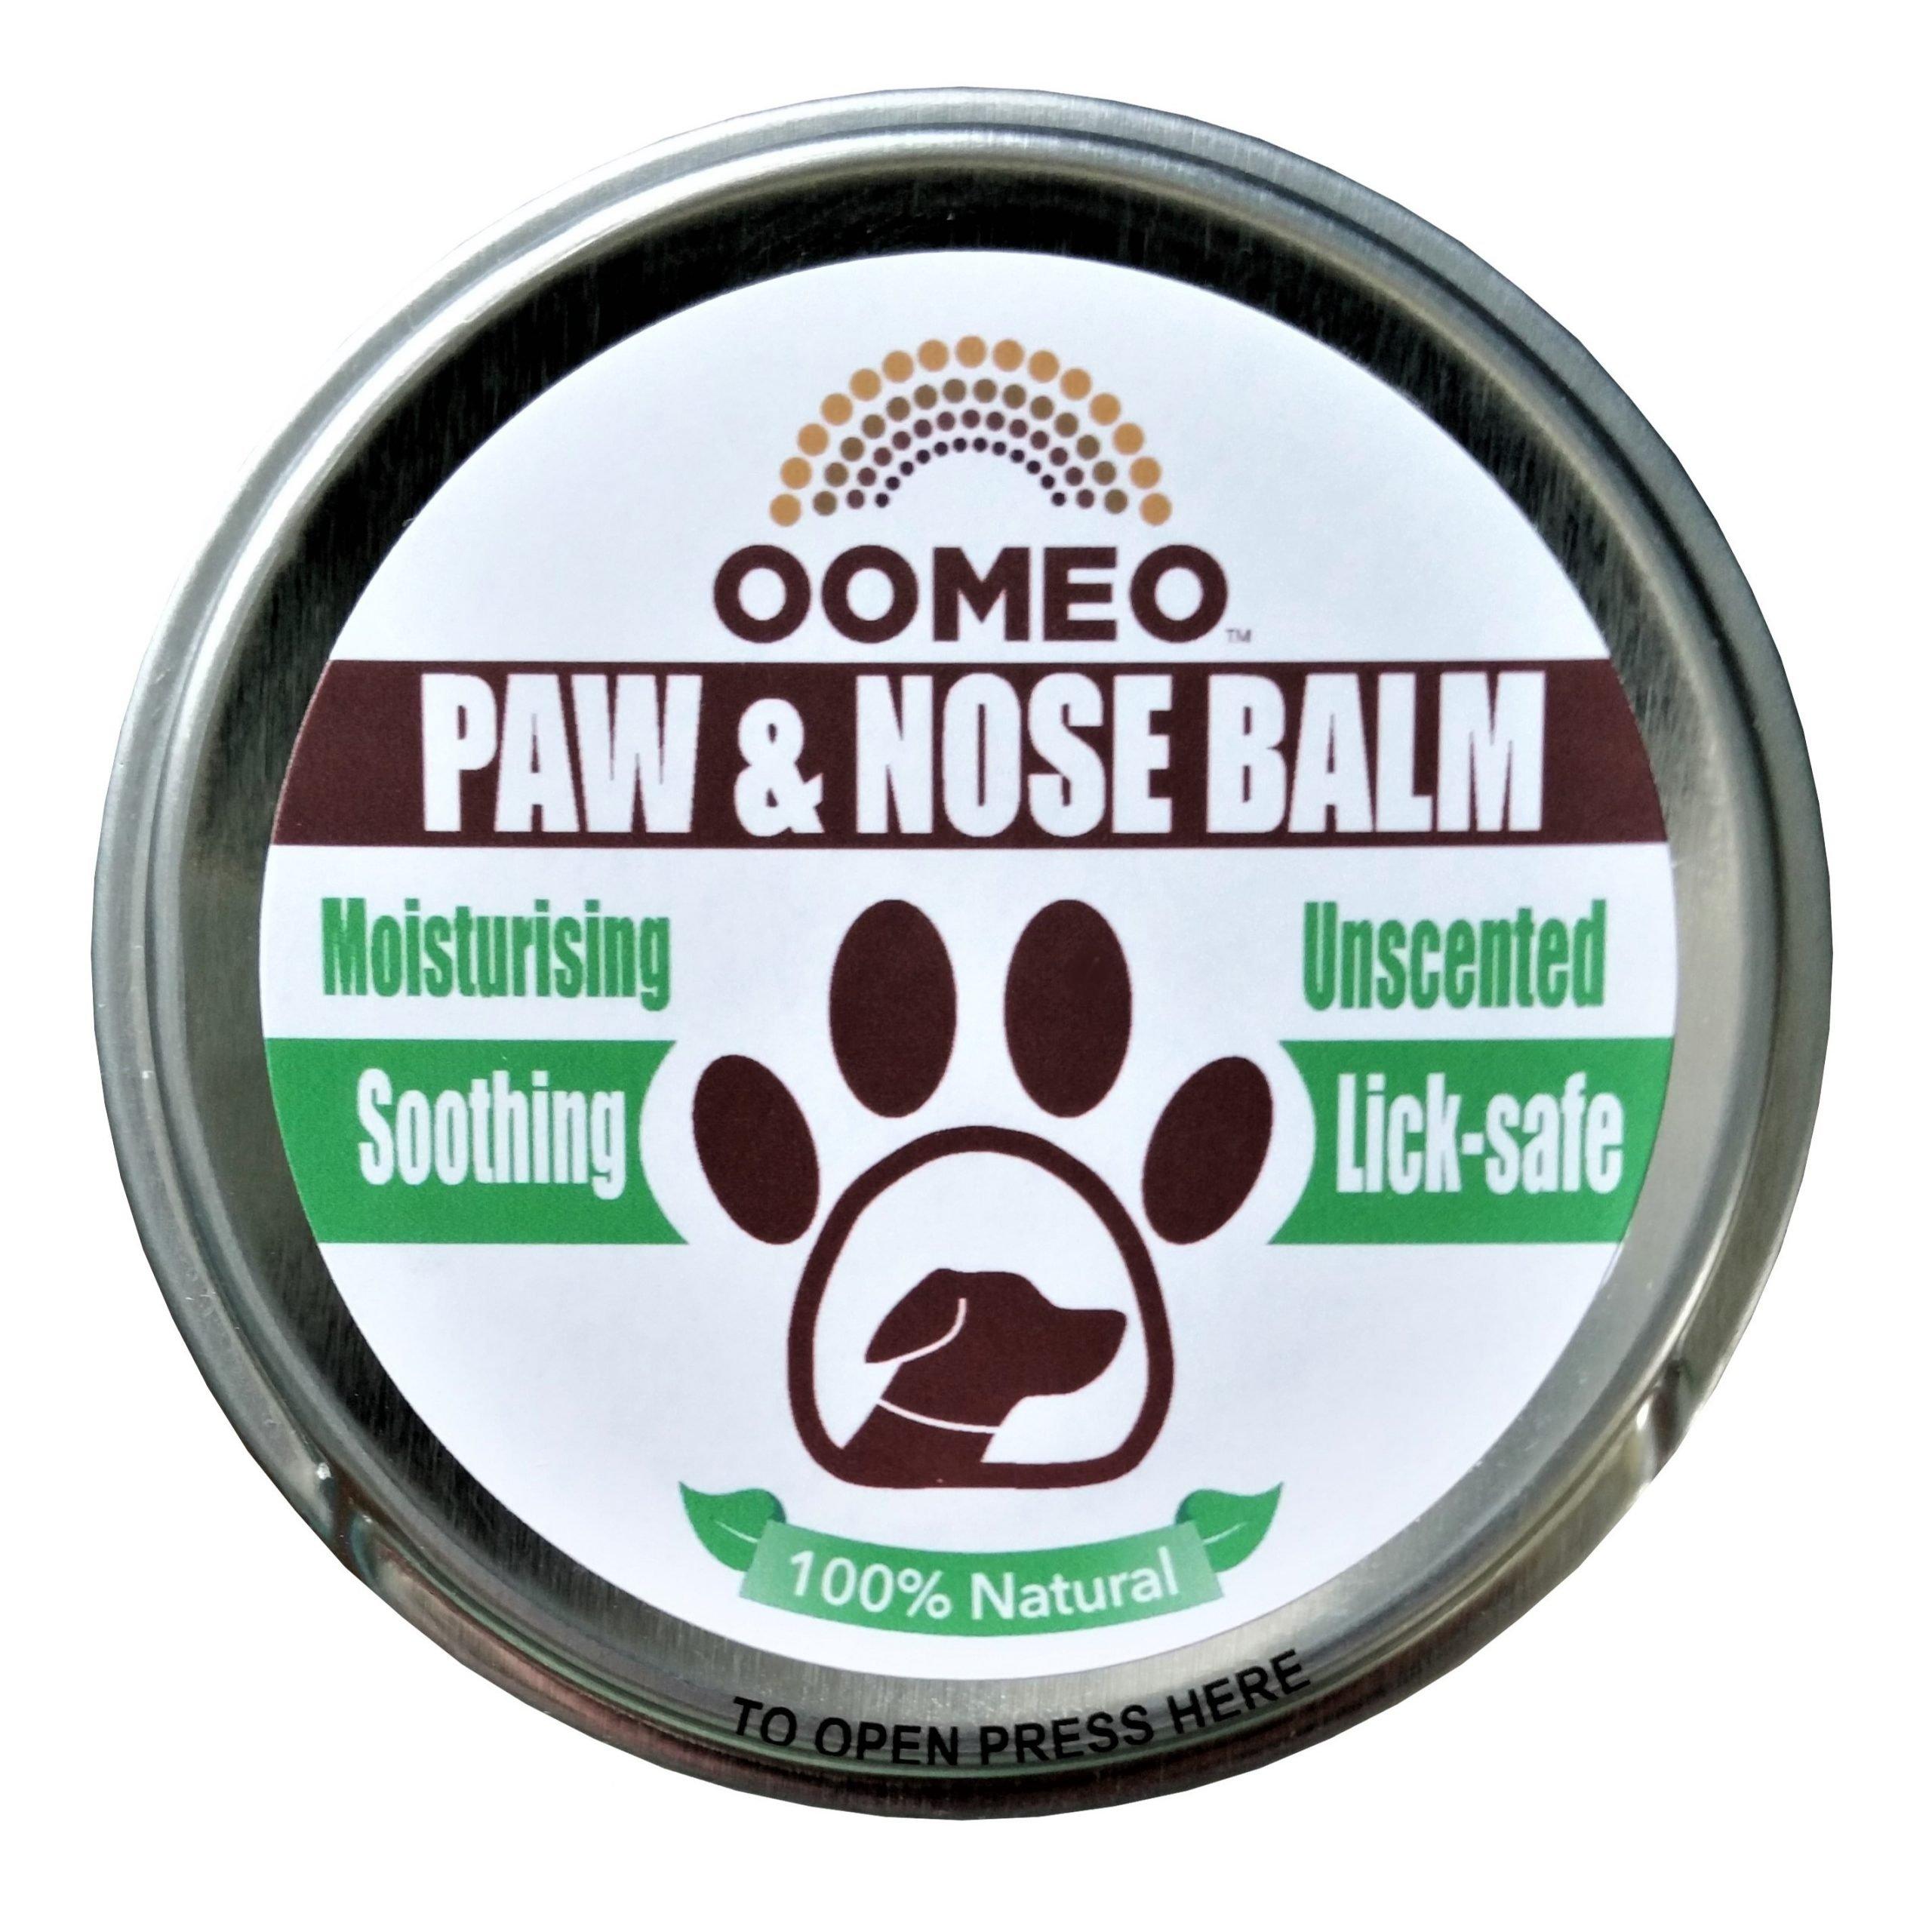 50ml Vegan Paw Nose Balm